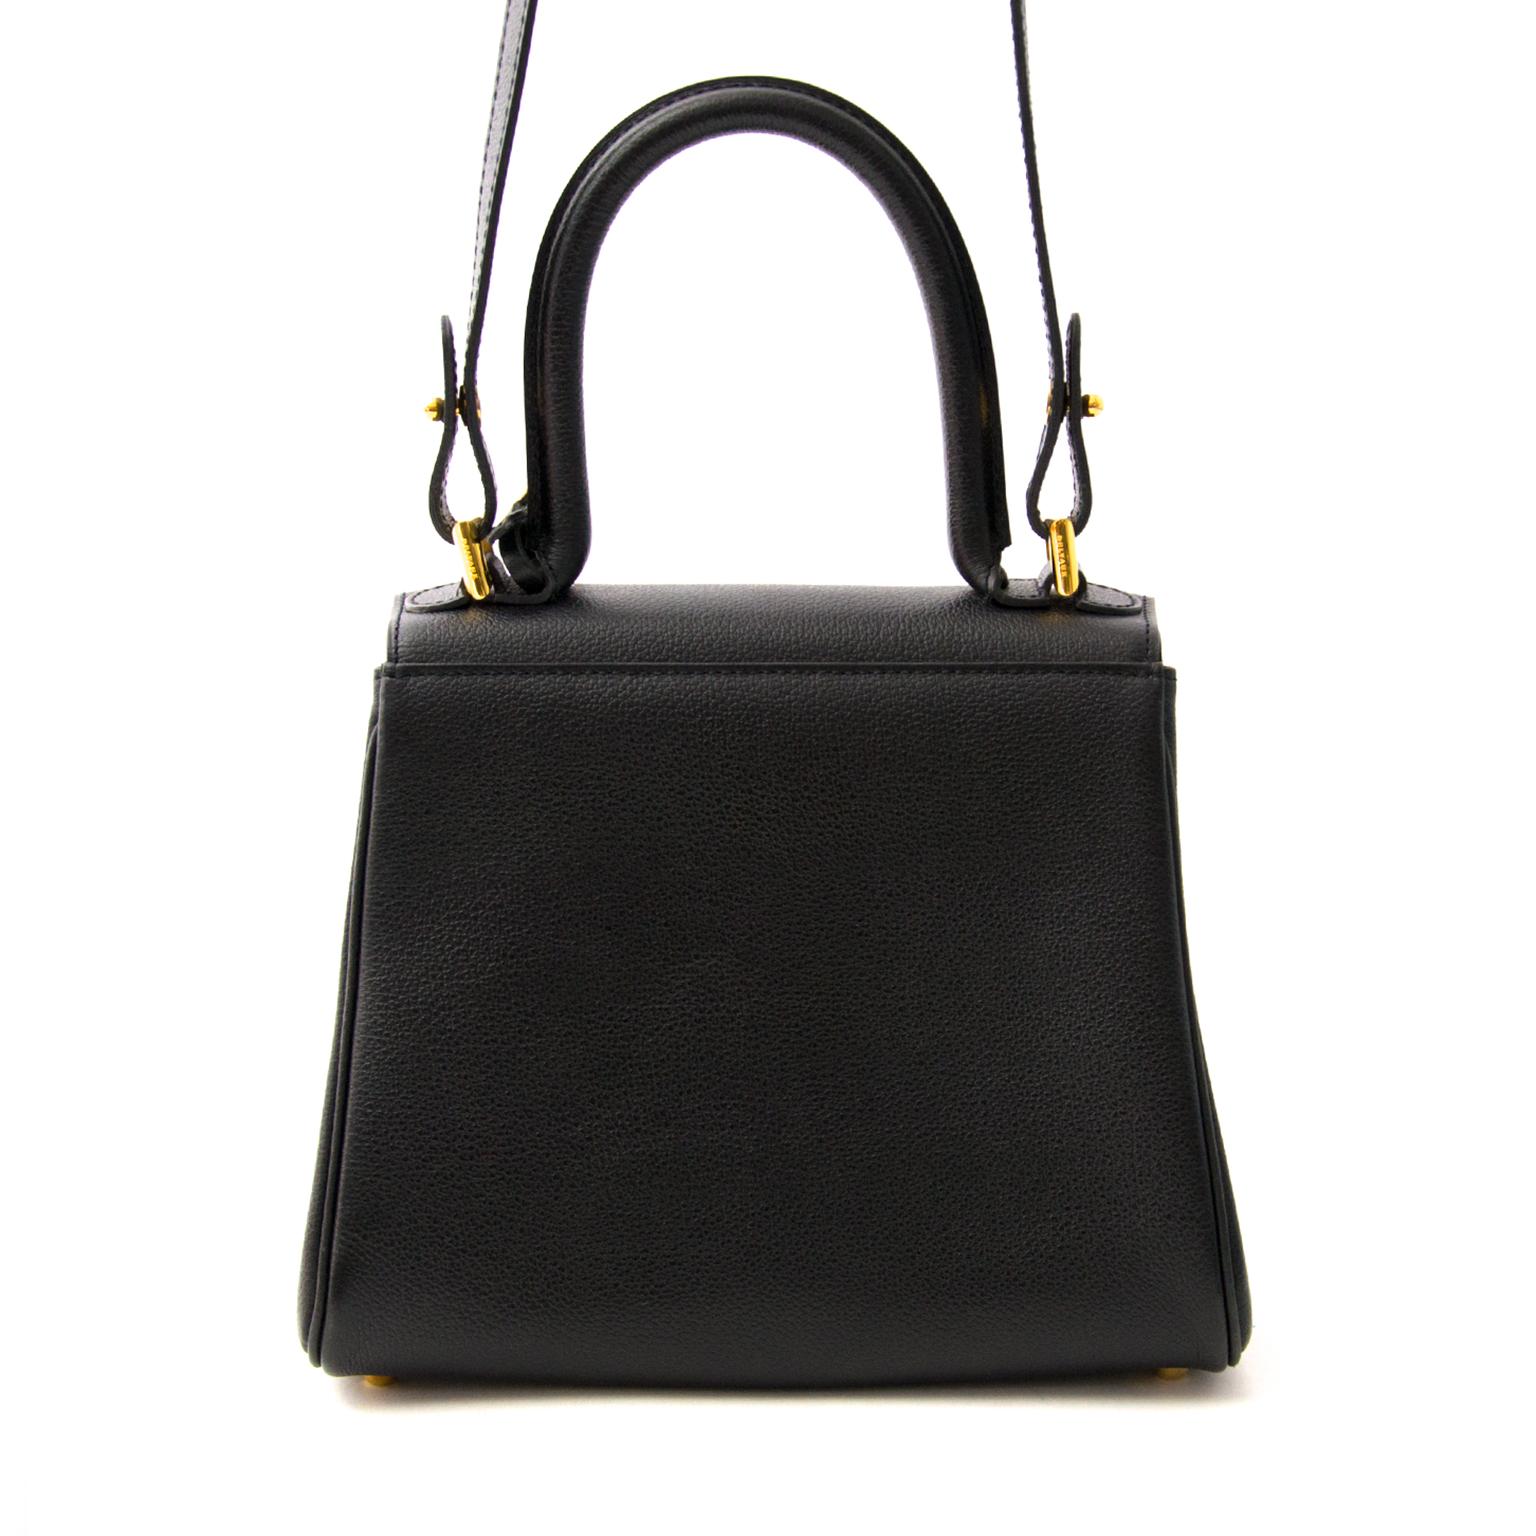 koop veilig online aan de best prijs Delvaux Brillant Dark Mini + Strap beste prijs als nieuw